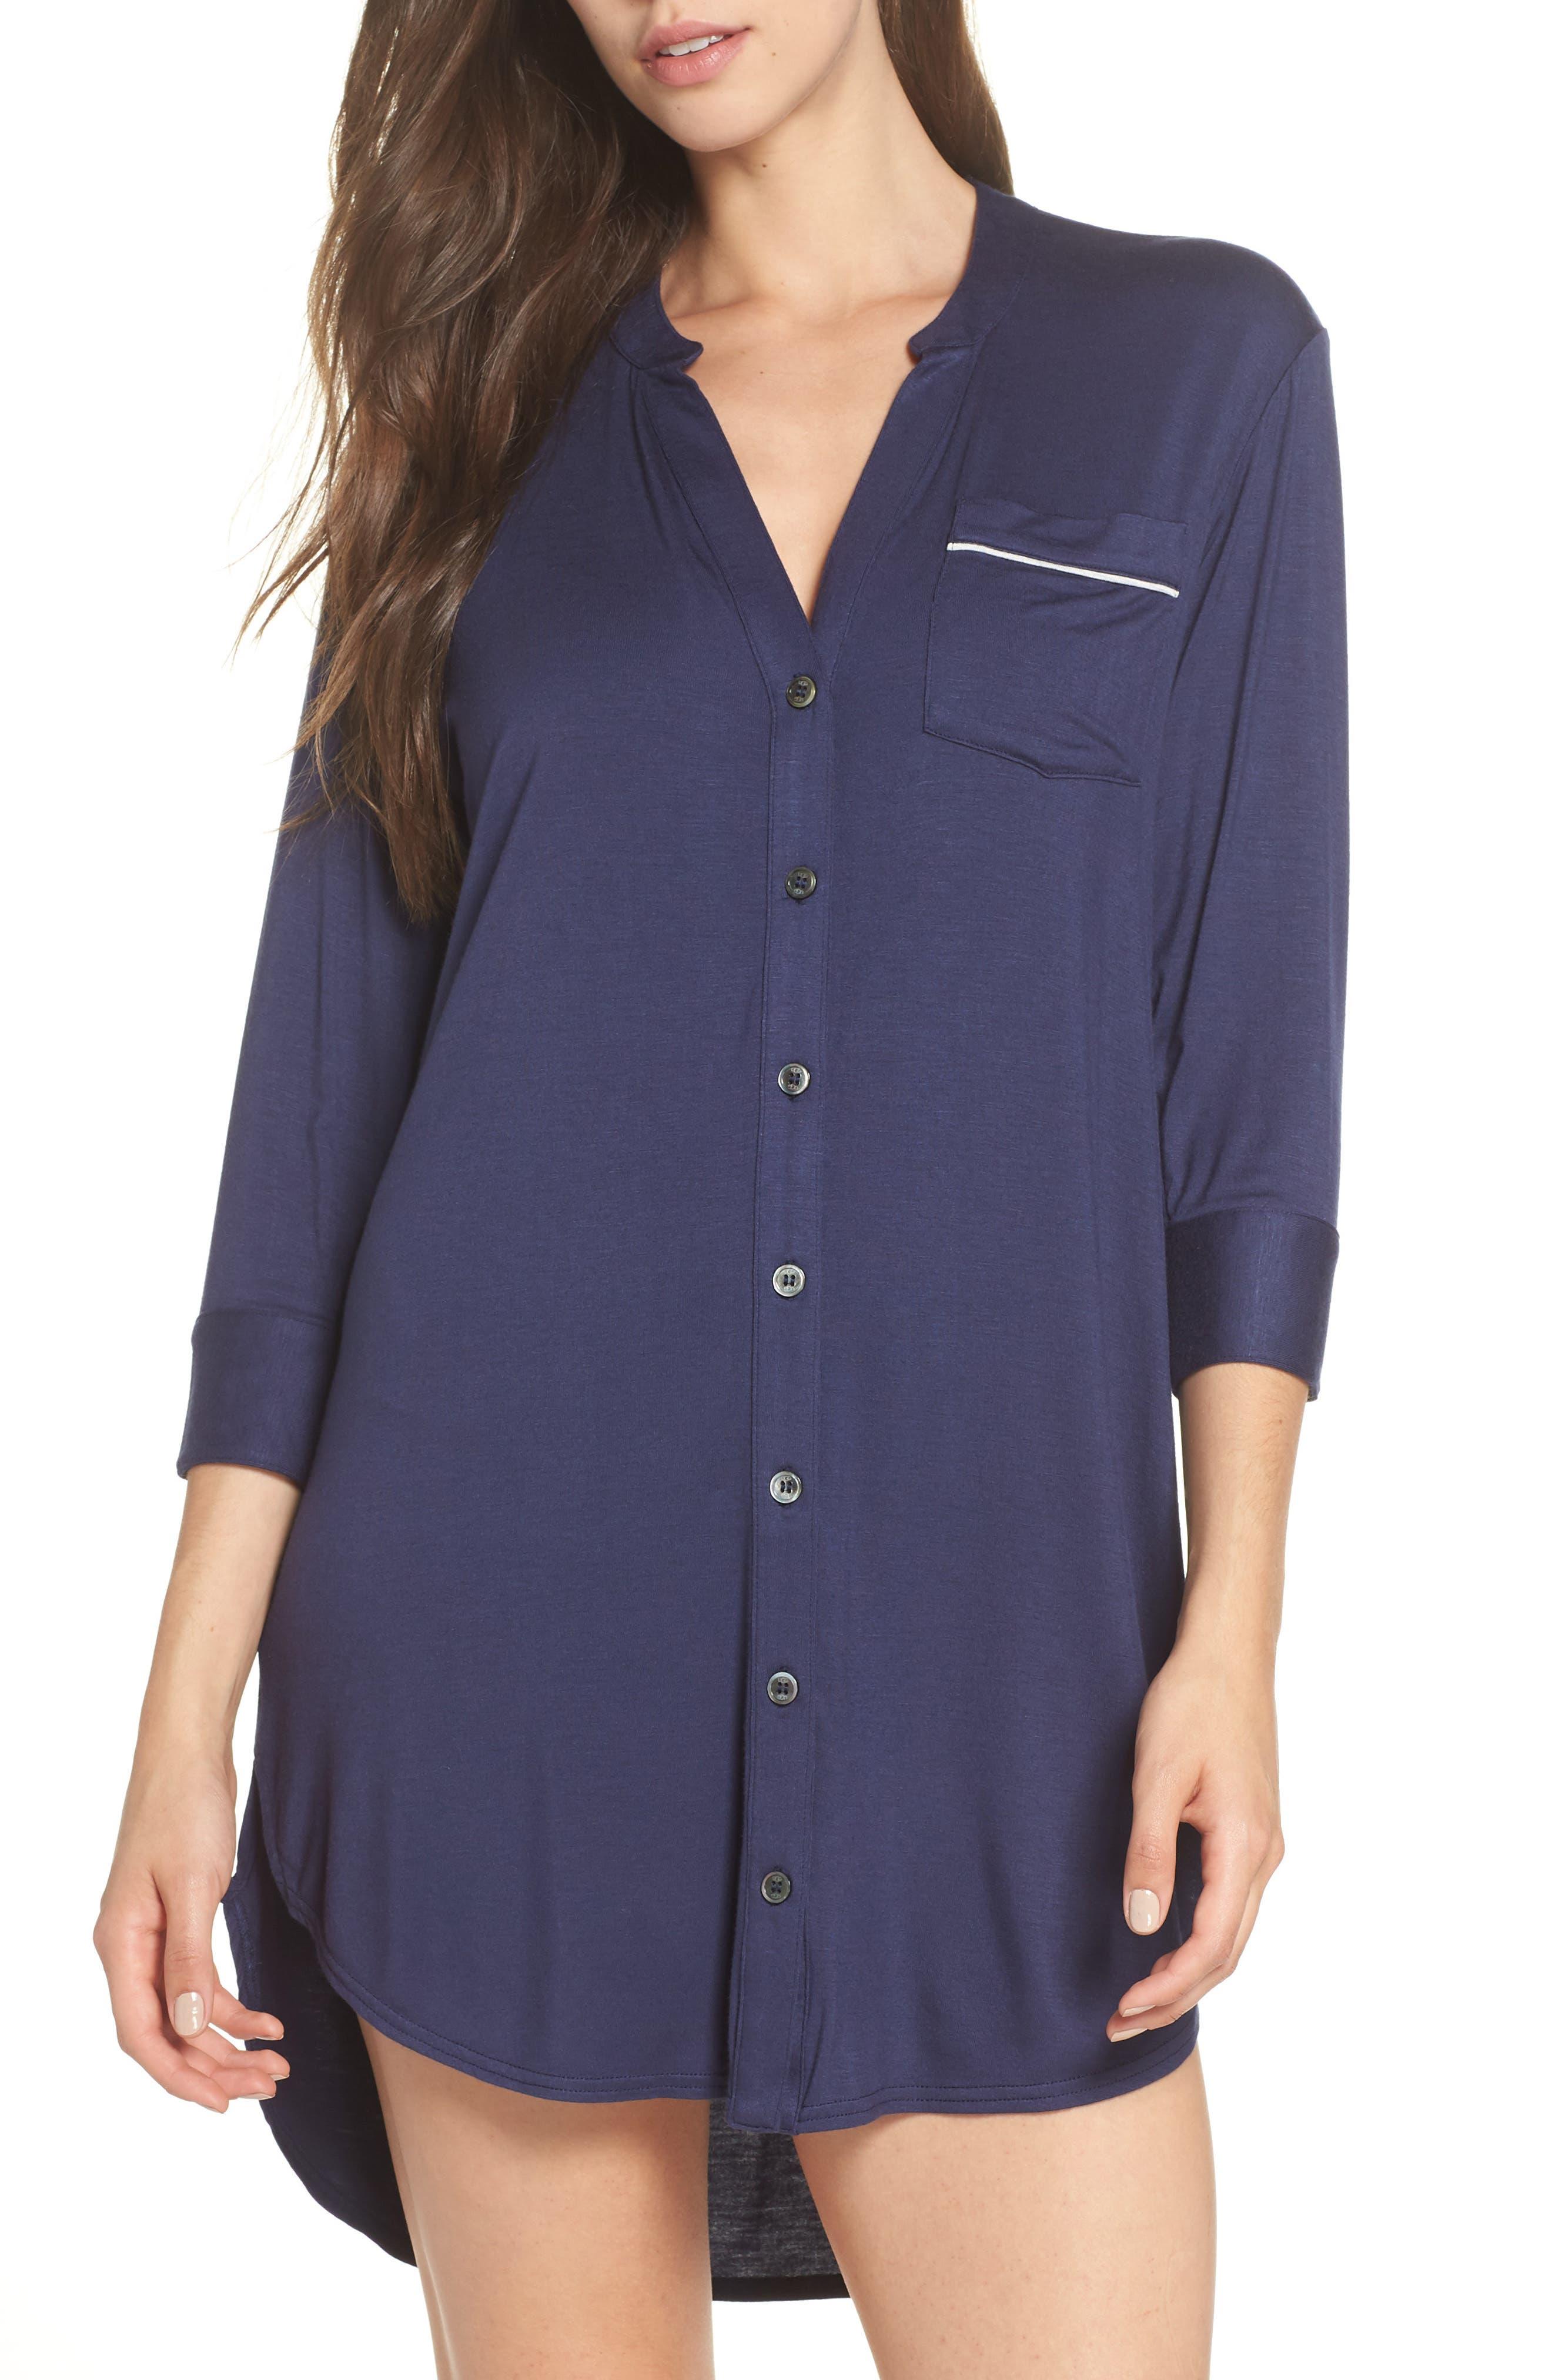 Vivian Sleep Shirt,                             Main thumbnail 1, color,                             NAVY